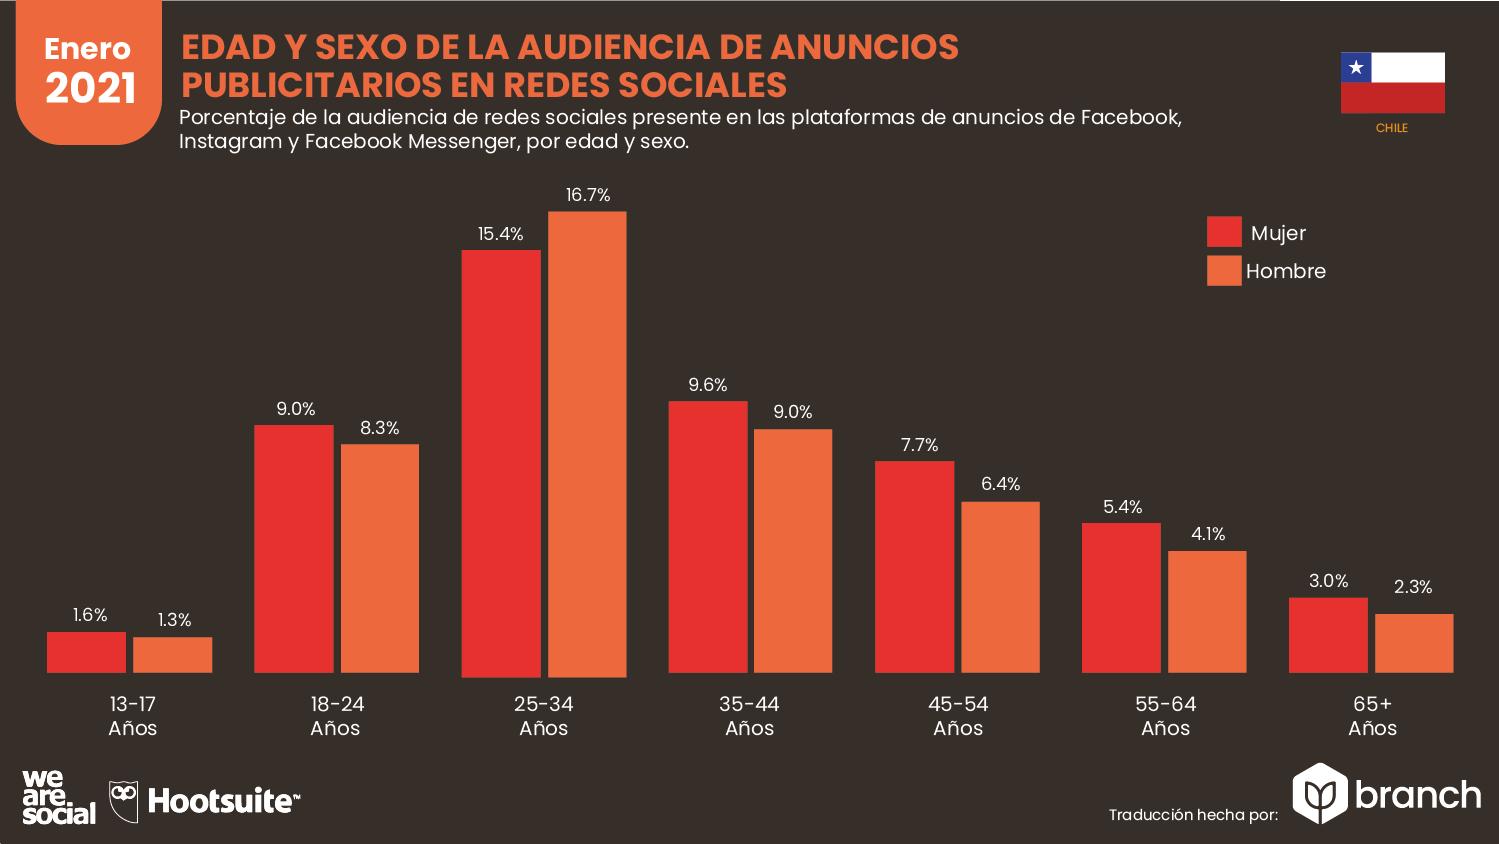 edad-y-sexo-de-la-audiencia-de-anuncios-publicitarios-chile-2020-2021